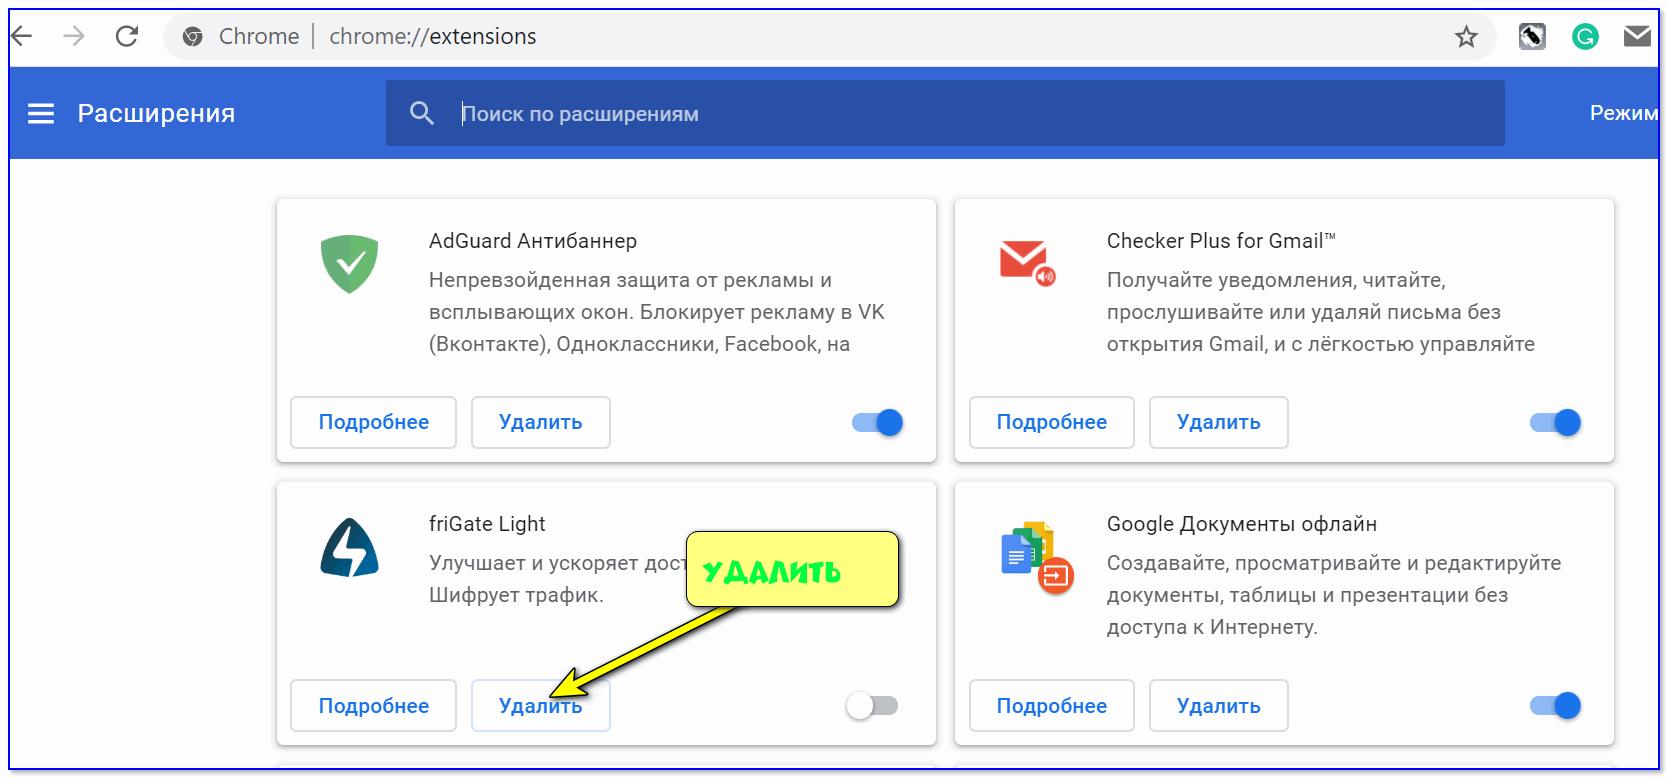 Удалить ненужное расширение — Chrome